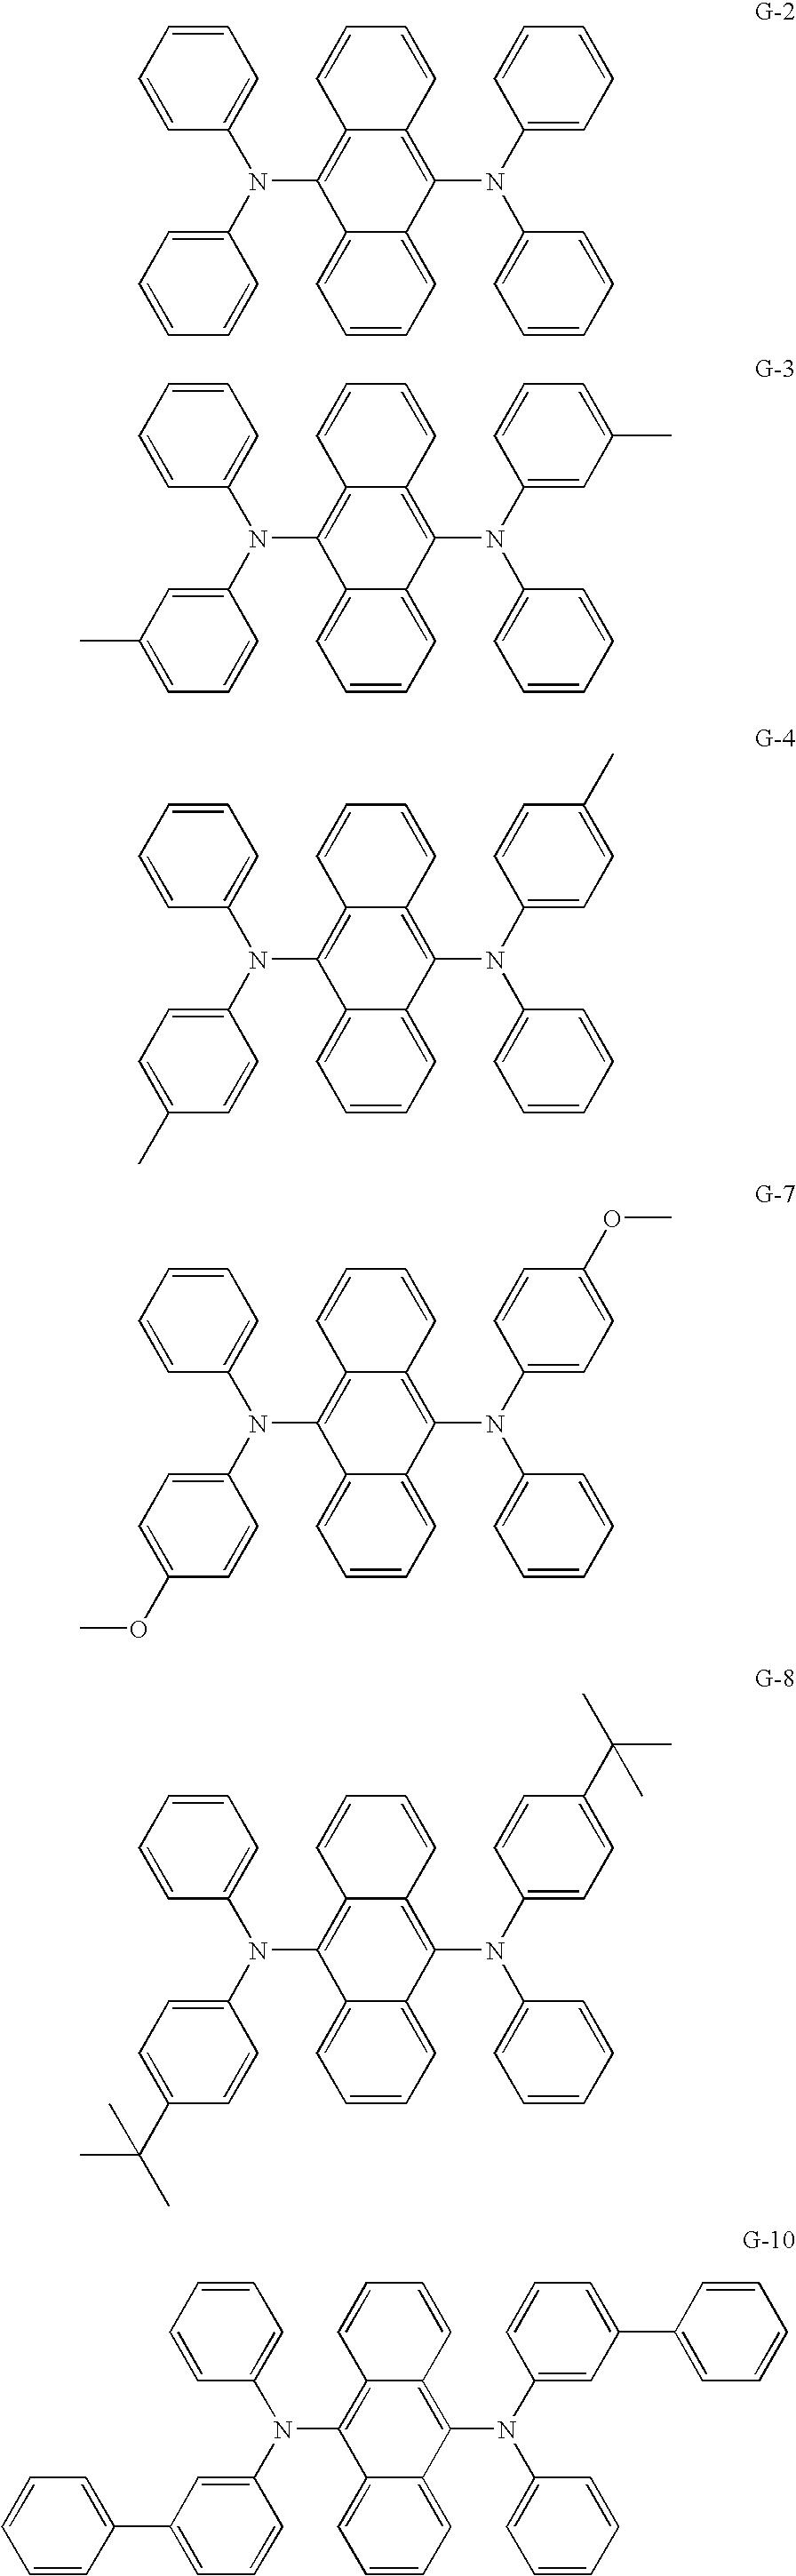 Figure US07651788-20100126-C00047